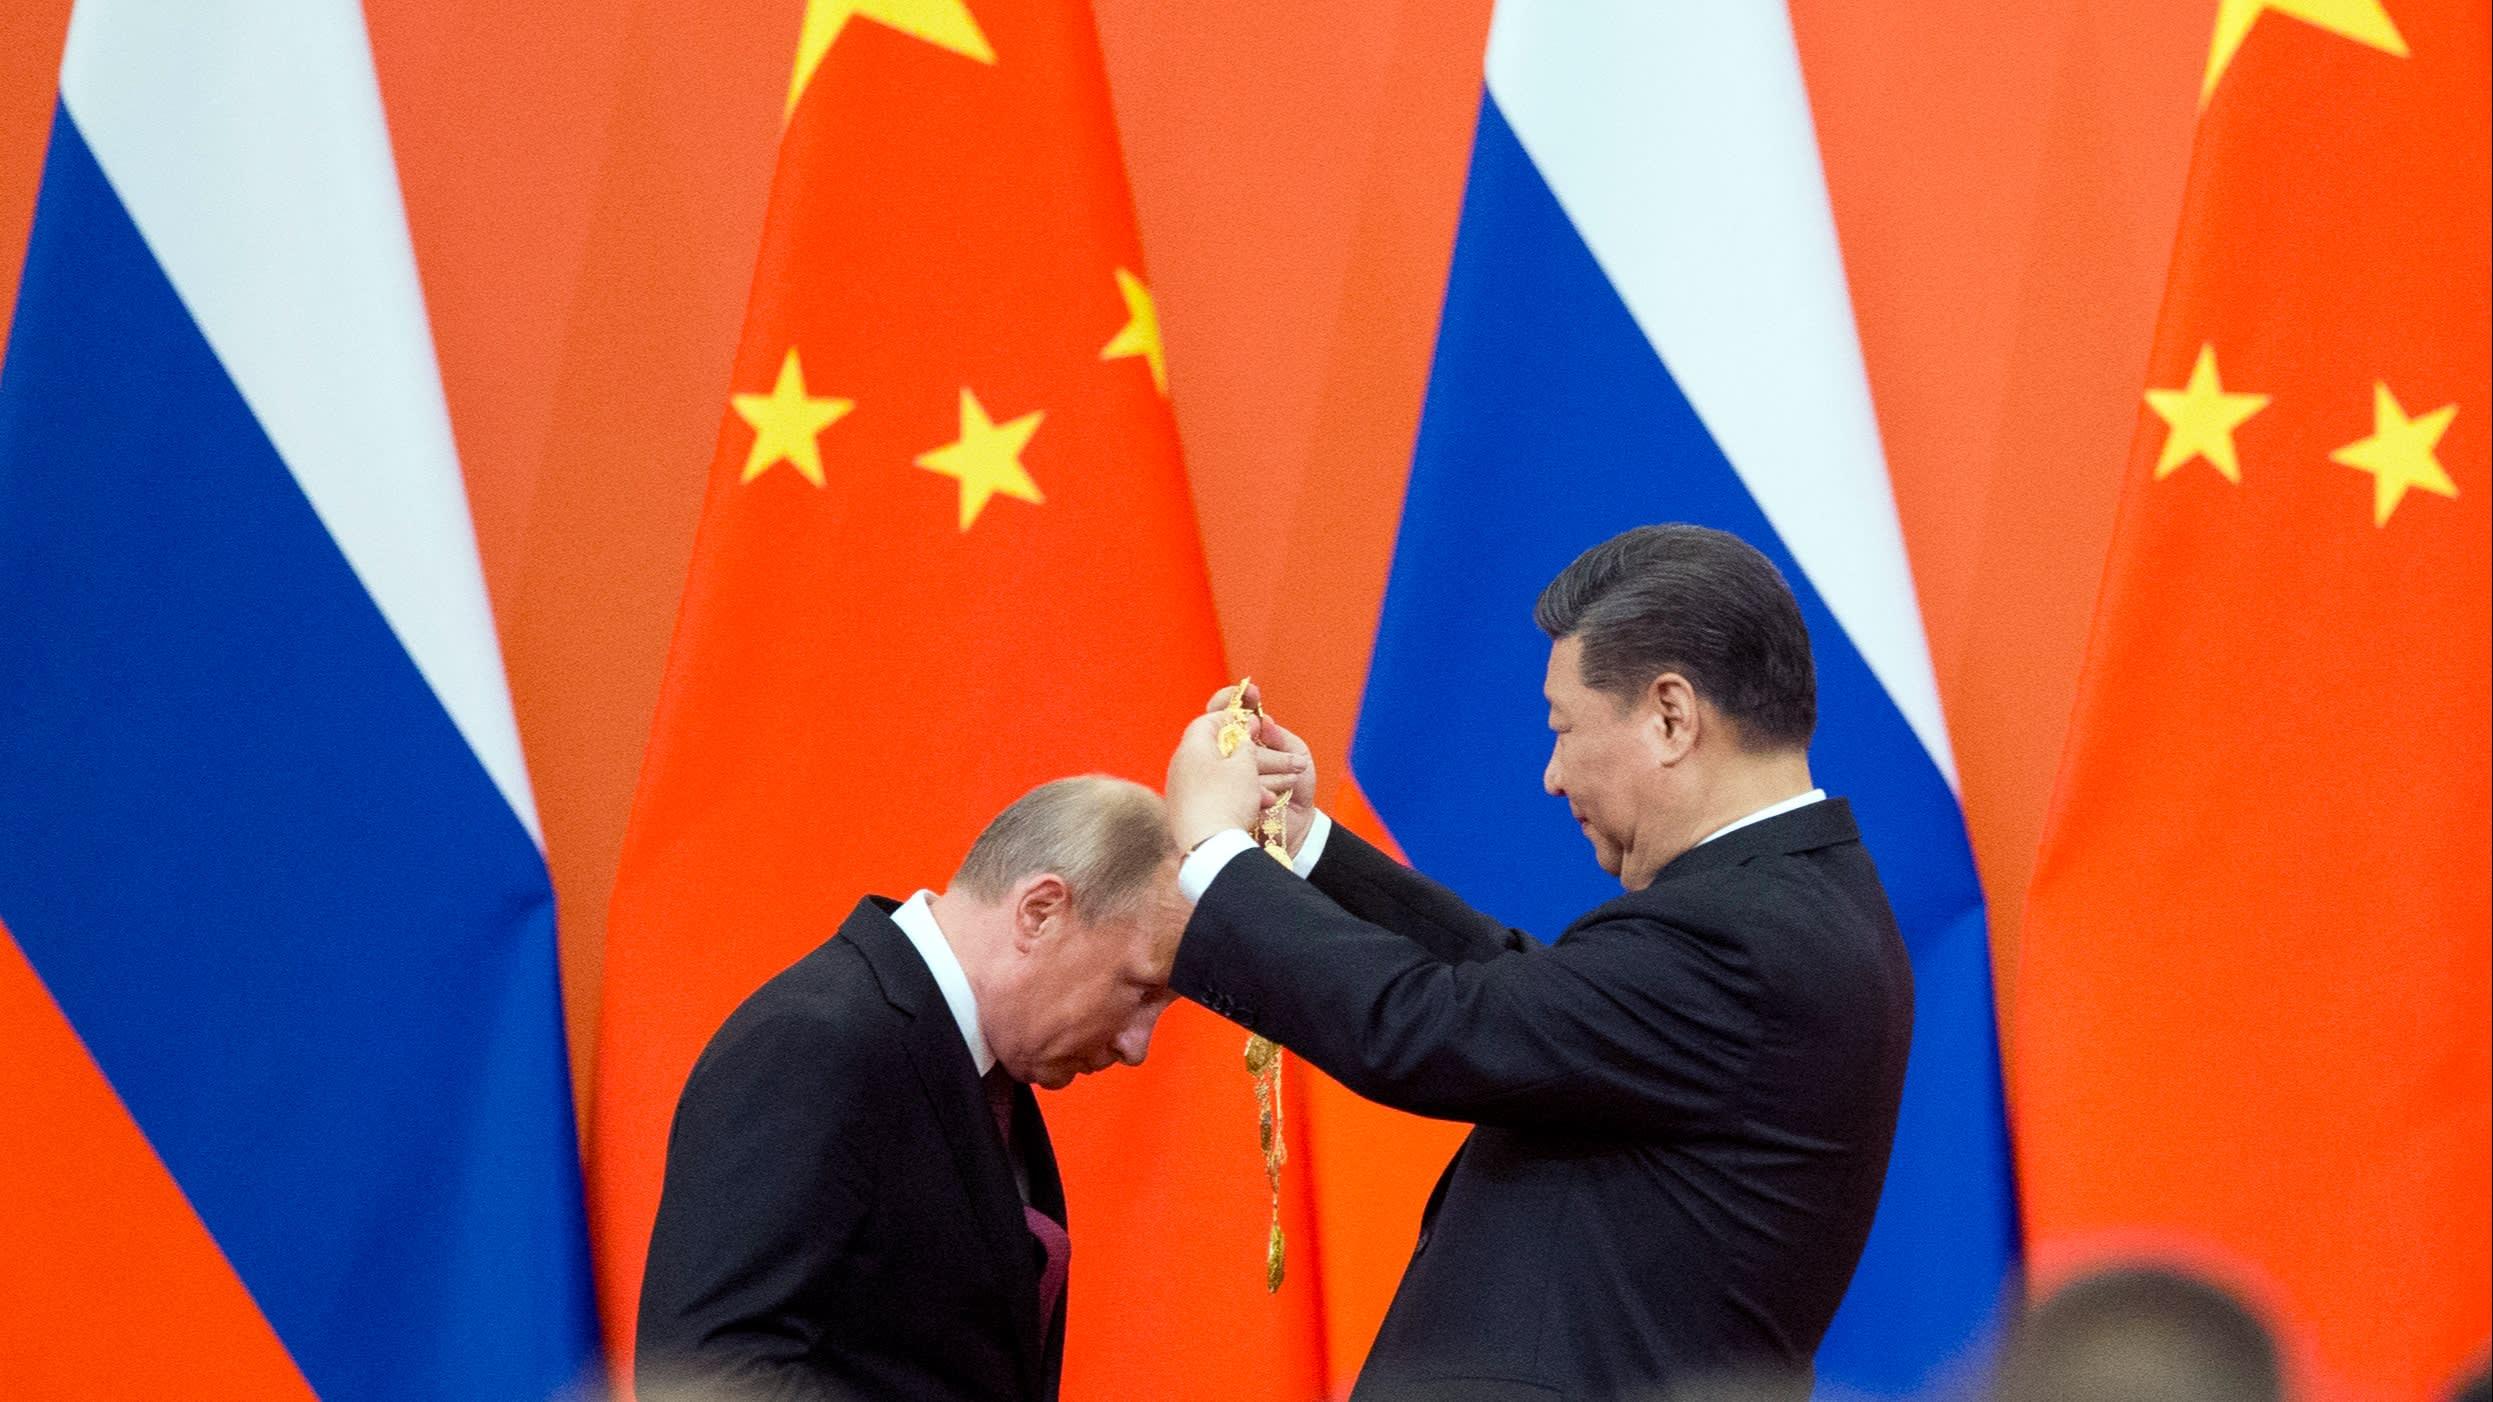 Putin's Russia is a trap China should avoid -                         Nikkei Asia                         ArrowArtboardArtboardTitle ChevronTitle ChevronIcon FacebookIcon LinkedinIcon Mail ContactPath LayerIcon MailPositive ArrowIcon PrintIcon Twitter